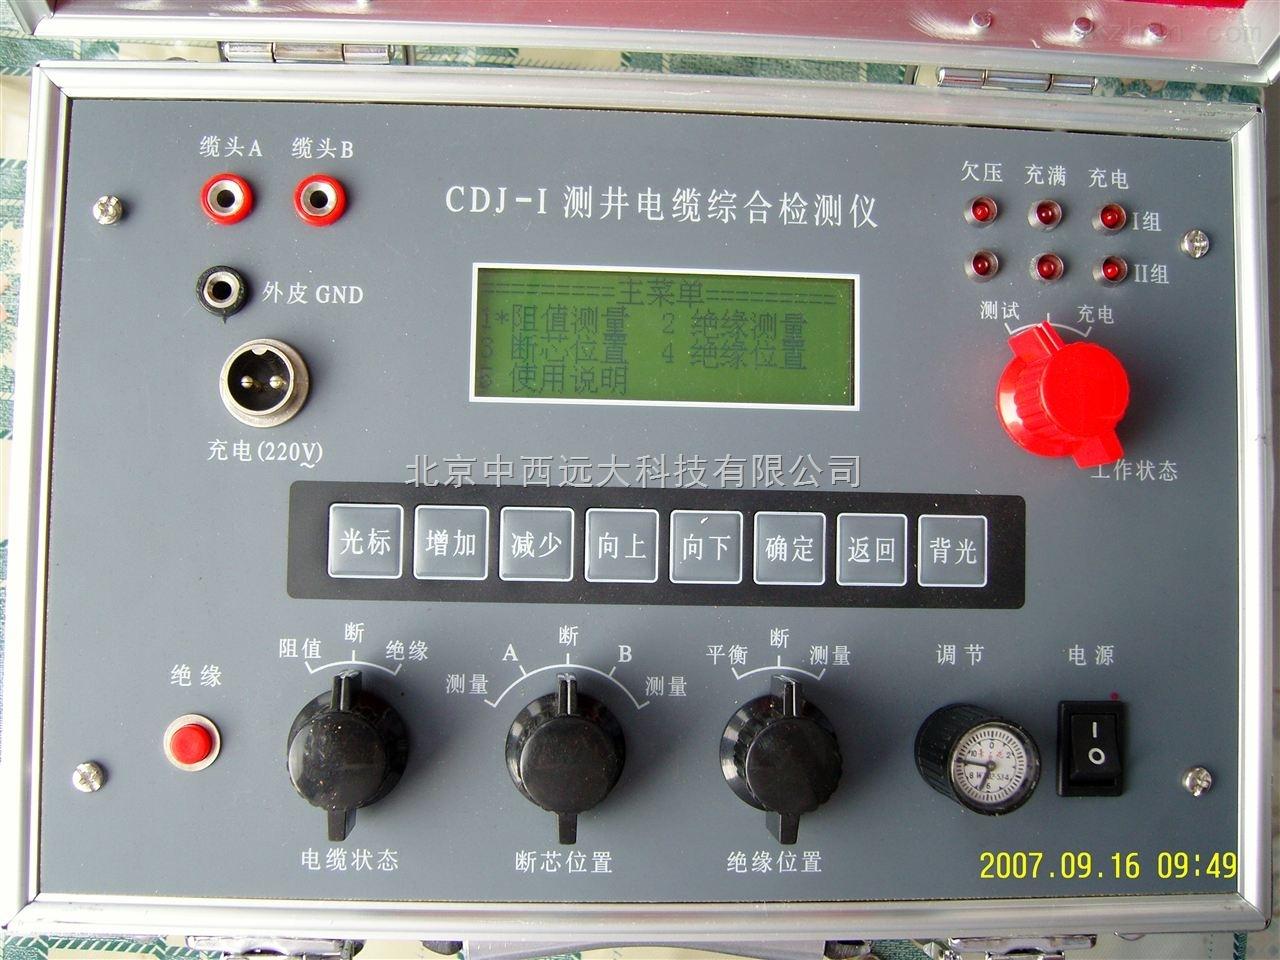 专门用于测试石油测井电缆的性能并查找故障点的位置.